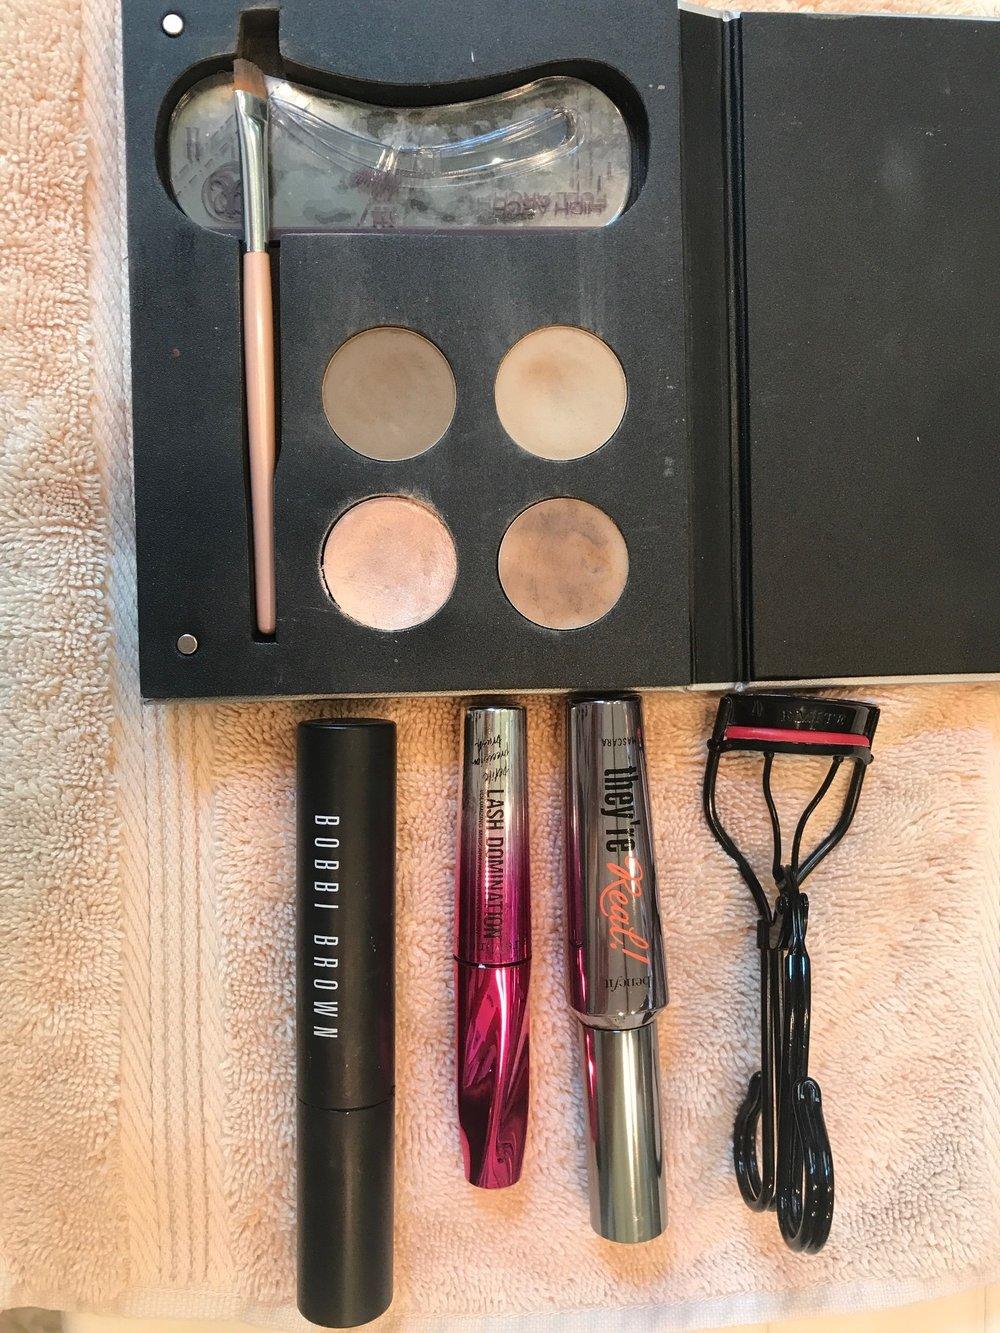 Eyebrow Shadow and Mascara